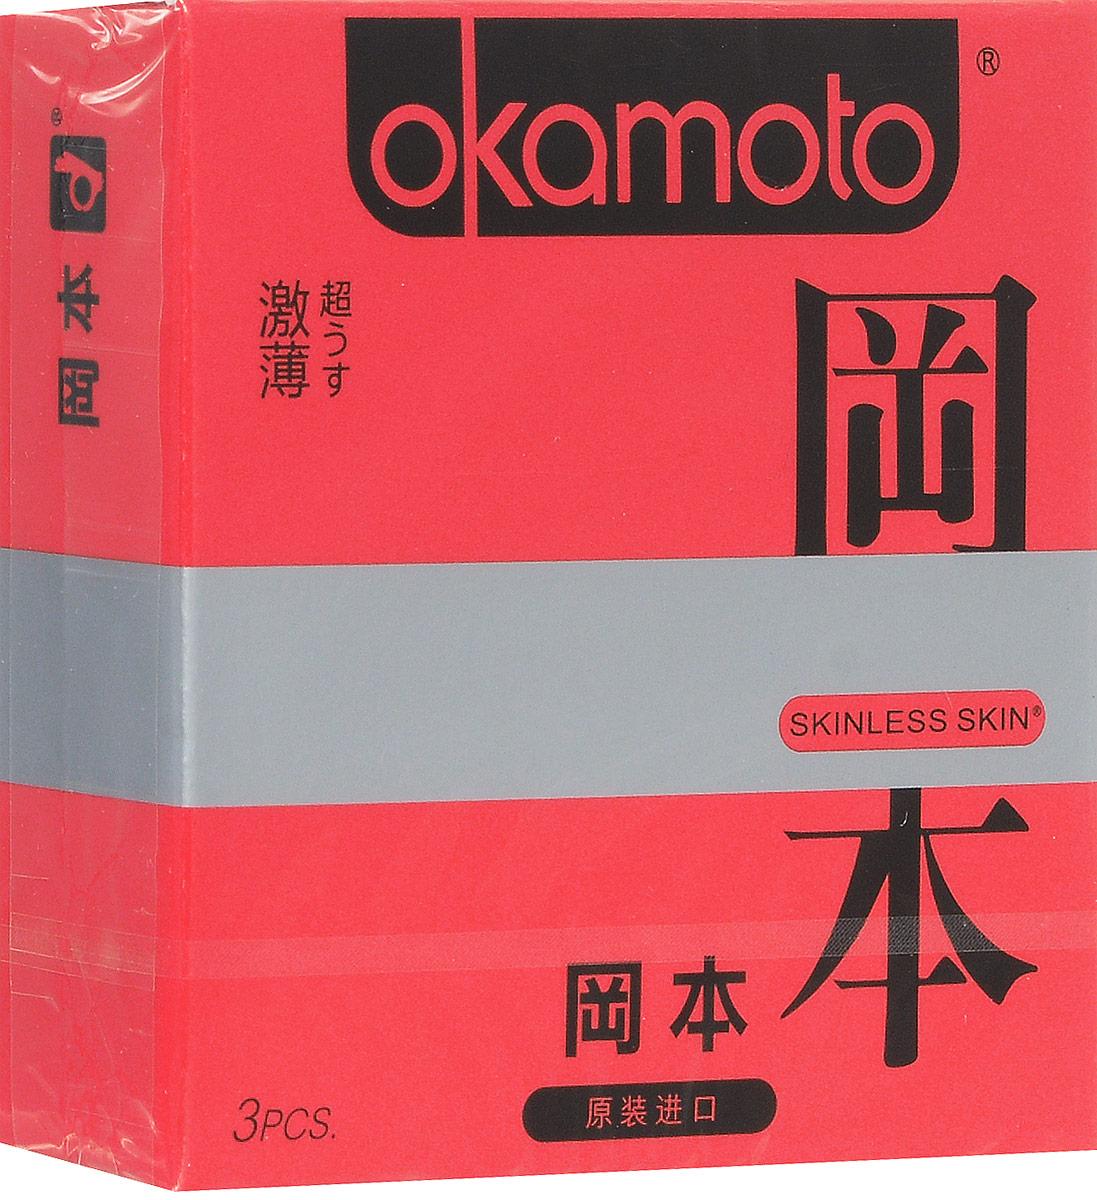 Презервативы Okamoto Skinless Skin Super Thin, ультратонкие, No.368969Самые тонкие латексные презервативы в мире особой анатомической формы со смазкой! Толщина стенки презерватива всего 0,03 мм, что в 2 раза тоньше, чем у обычных презервативов. Подарят незабываемые ощущения естественности. Уникальной анатомической формы с силиконовой смазкой.